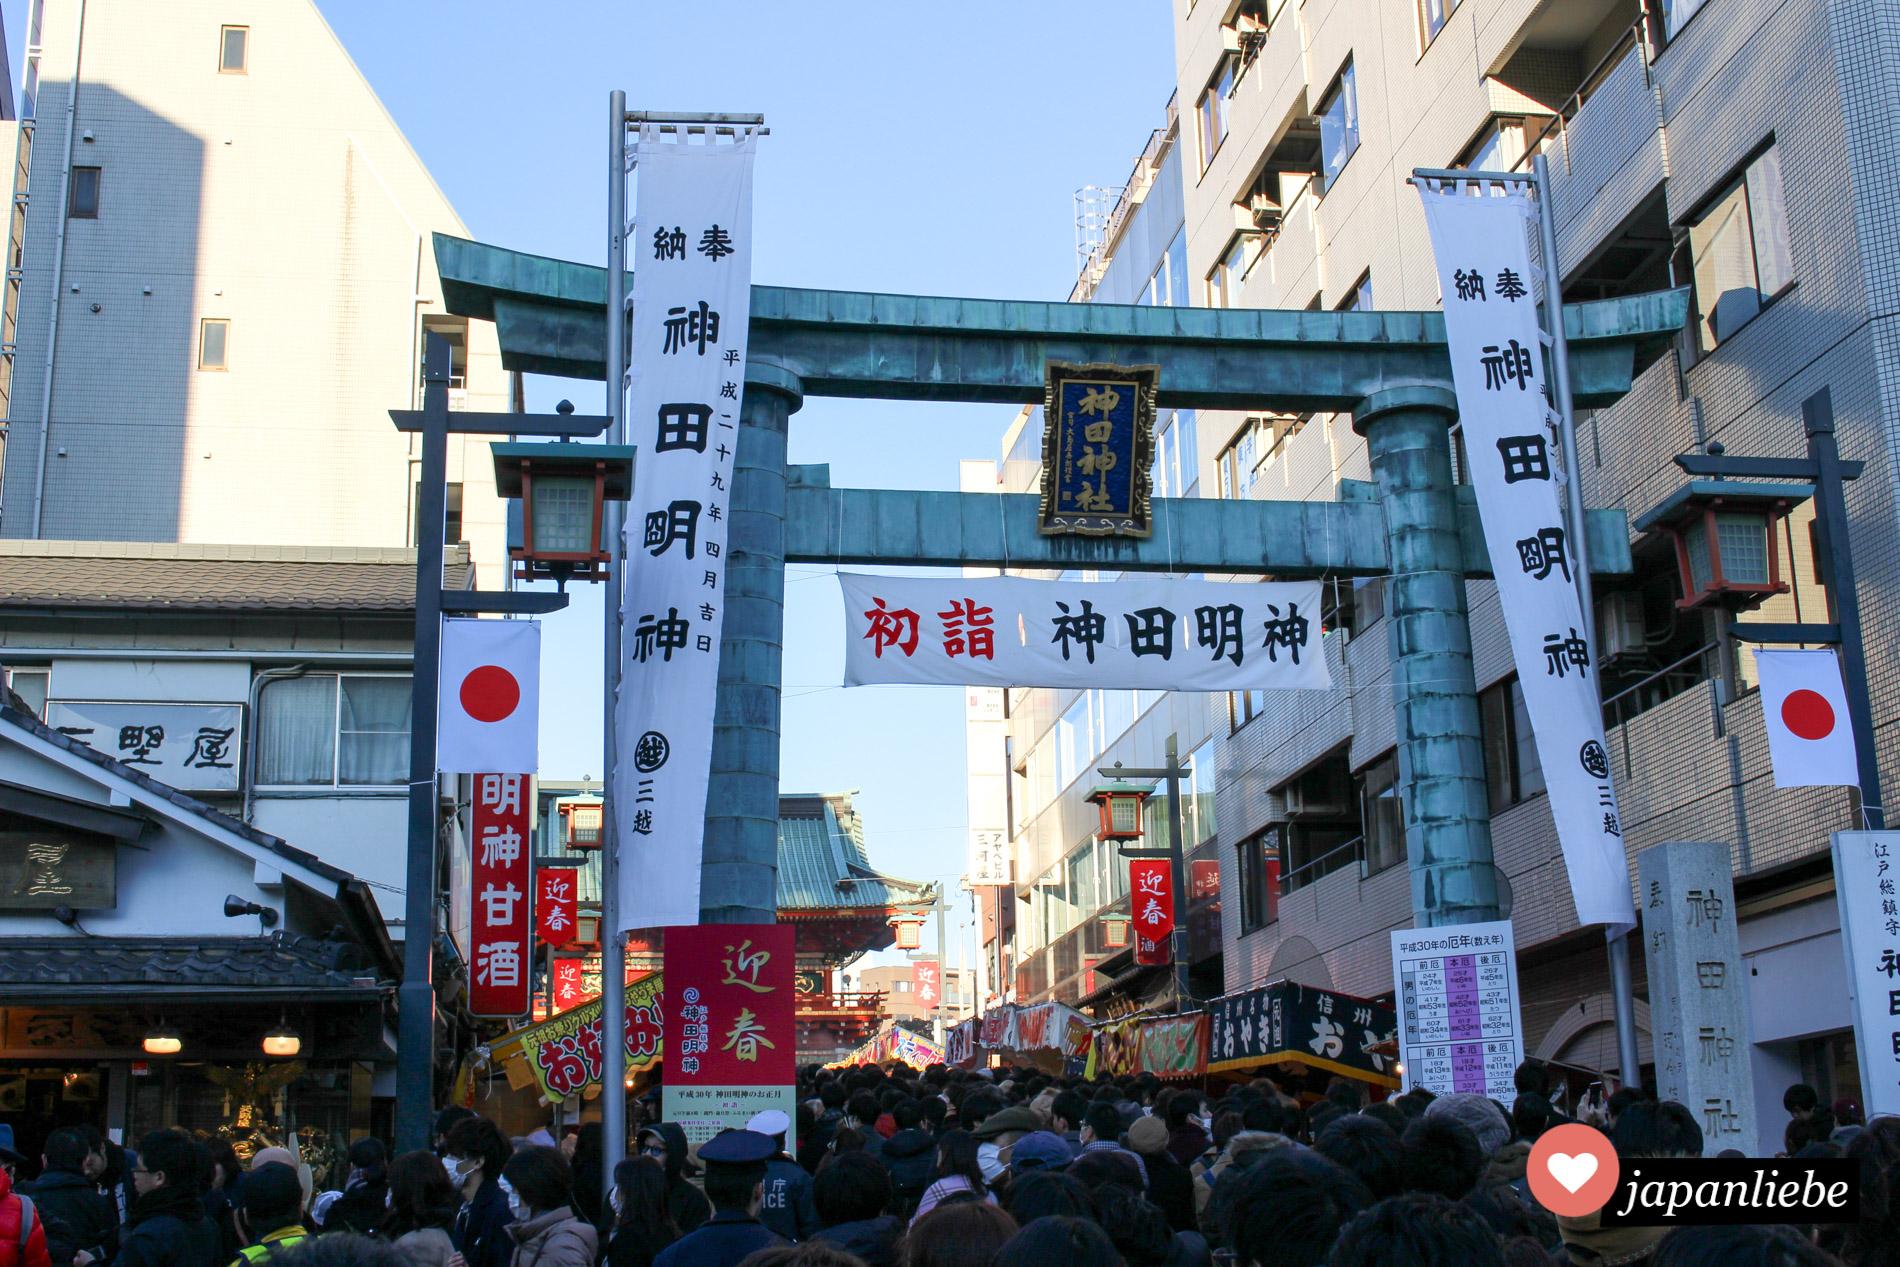 Rund um Neujahr heißt es in Japan anstehen. So auch am Kandy Myōjin Schrein im Tōkyō.